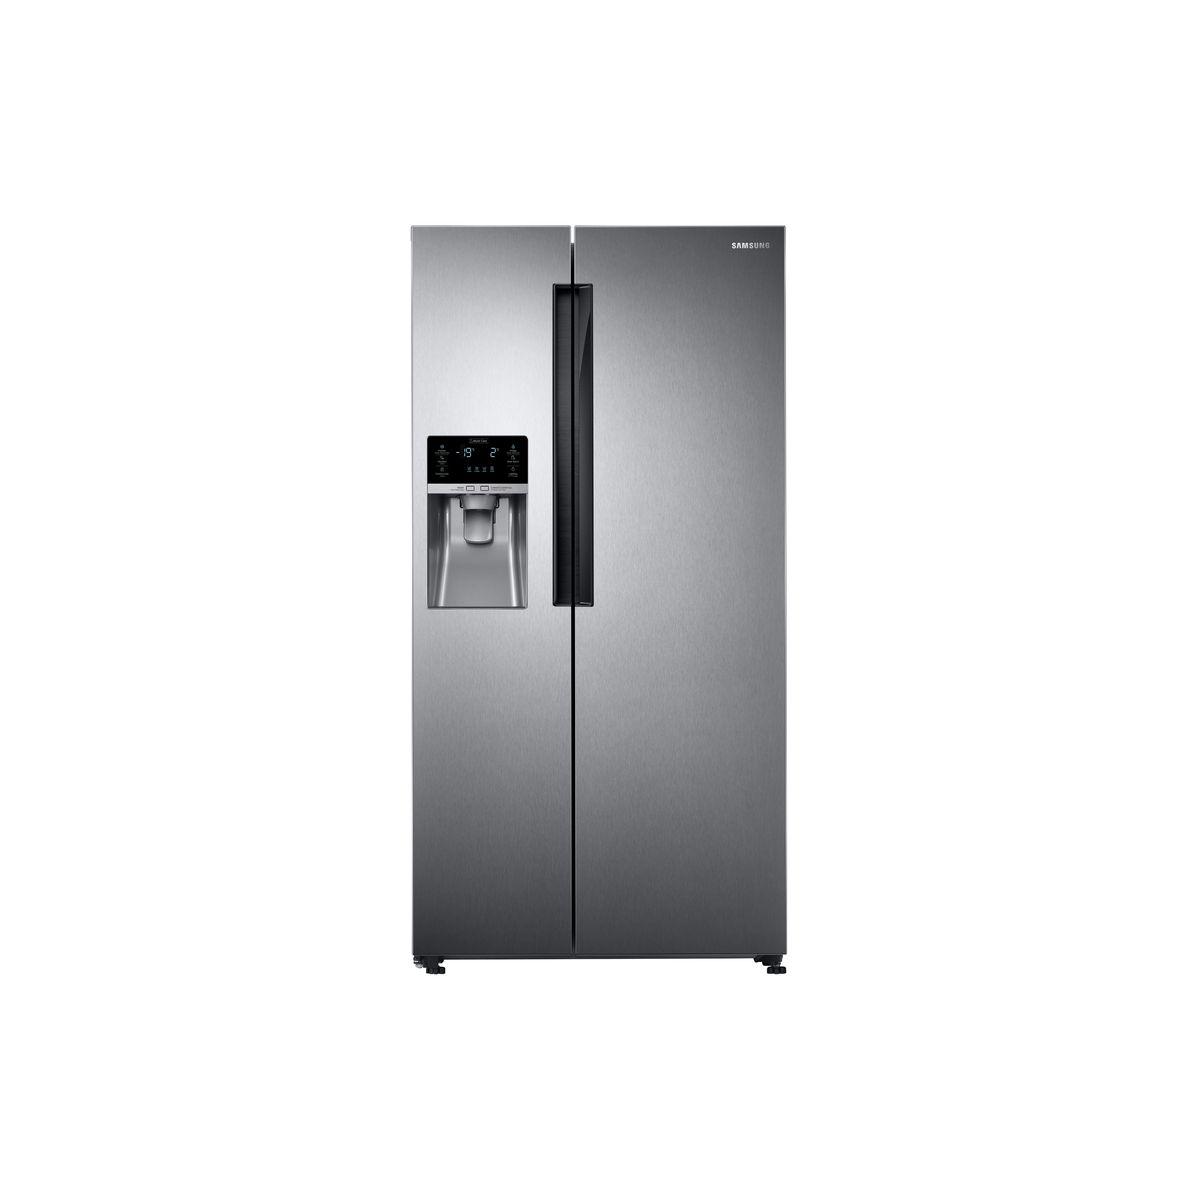 Réfrigérateur américain RS58K6307SL - 575 L, Froid ventilé